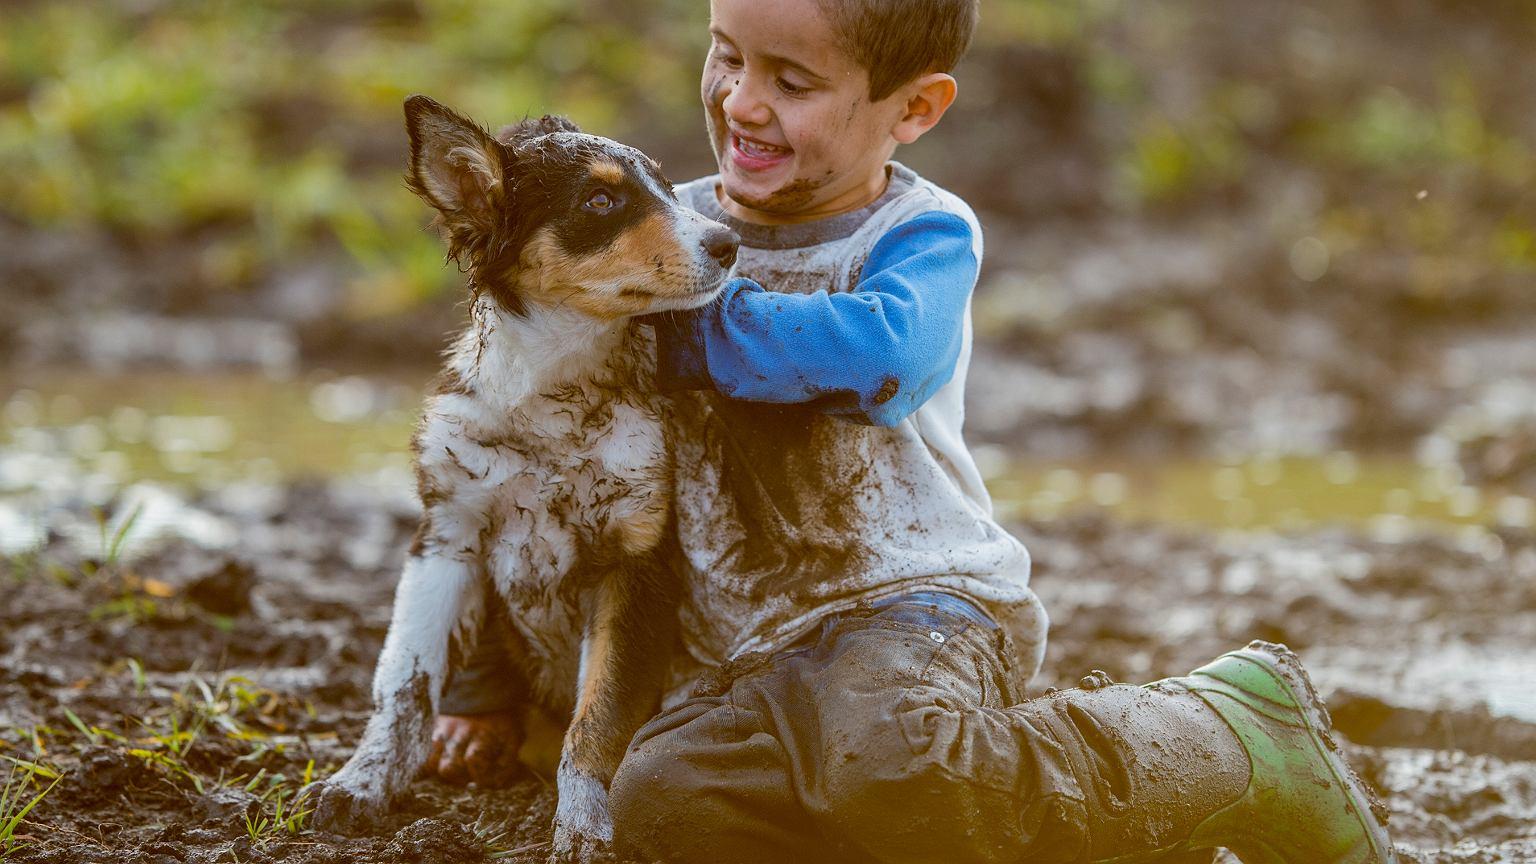 Kontakt z brudem i zwierzętami to bardzo korzystna dla zdrowia aktywność